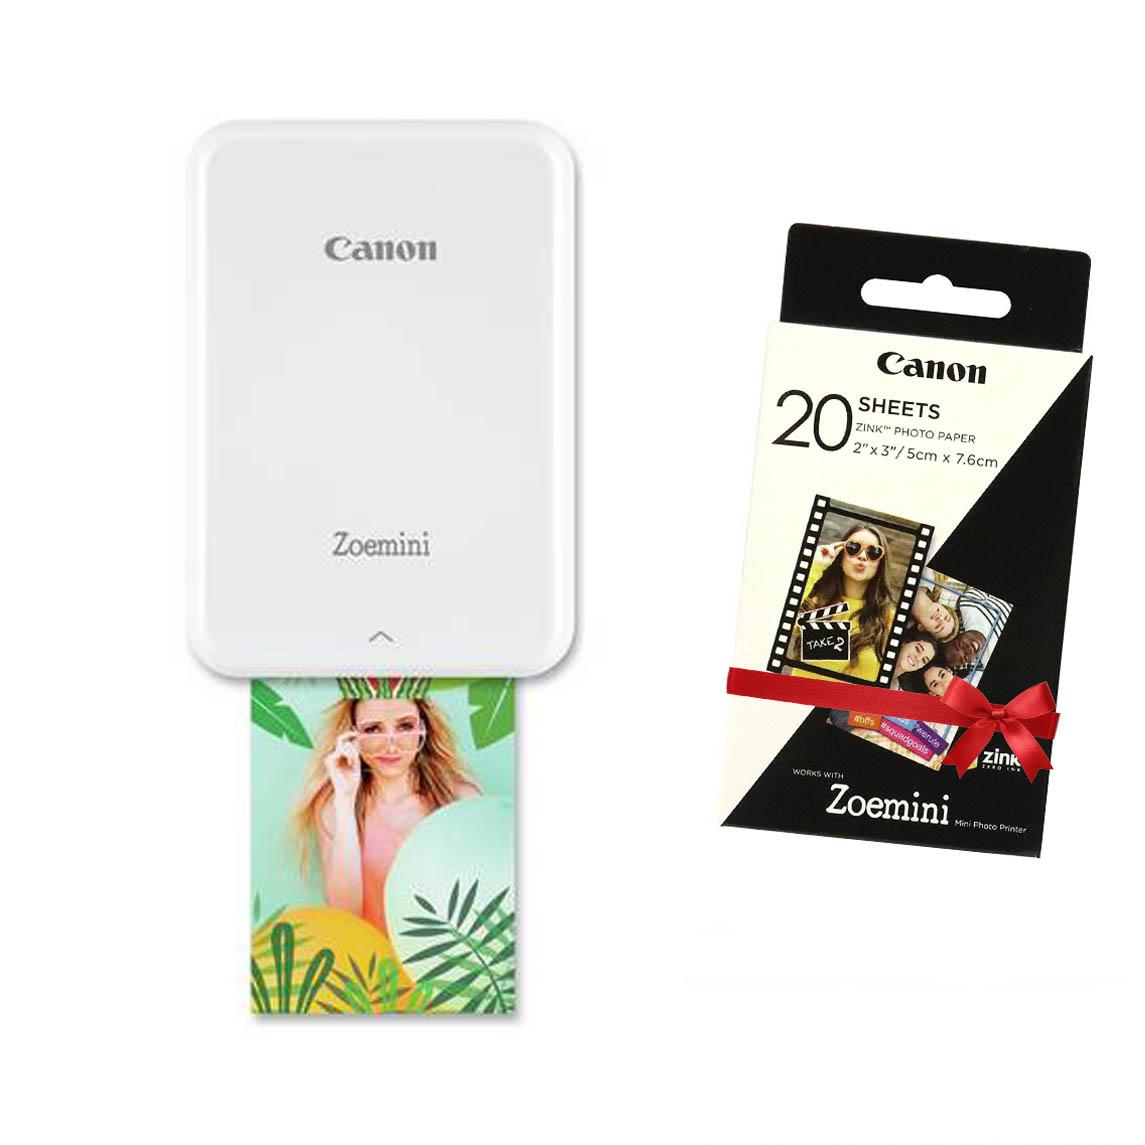 Canon Zoemini Fotoprinter White